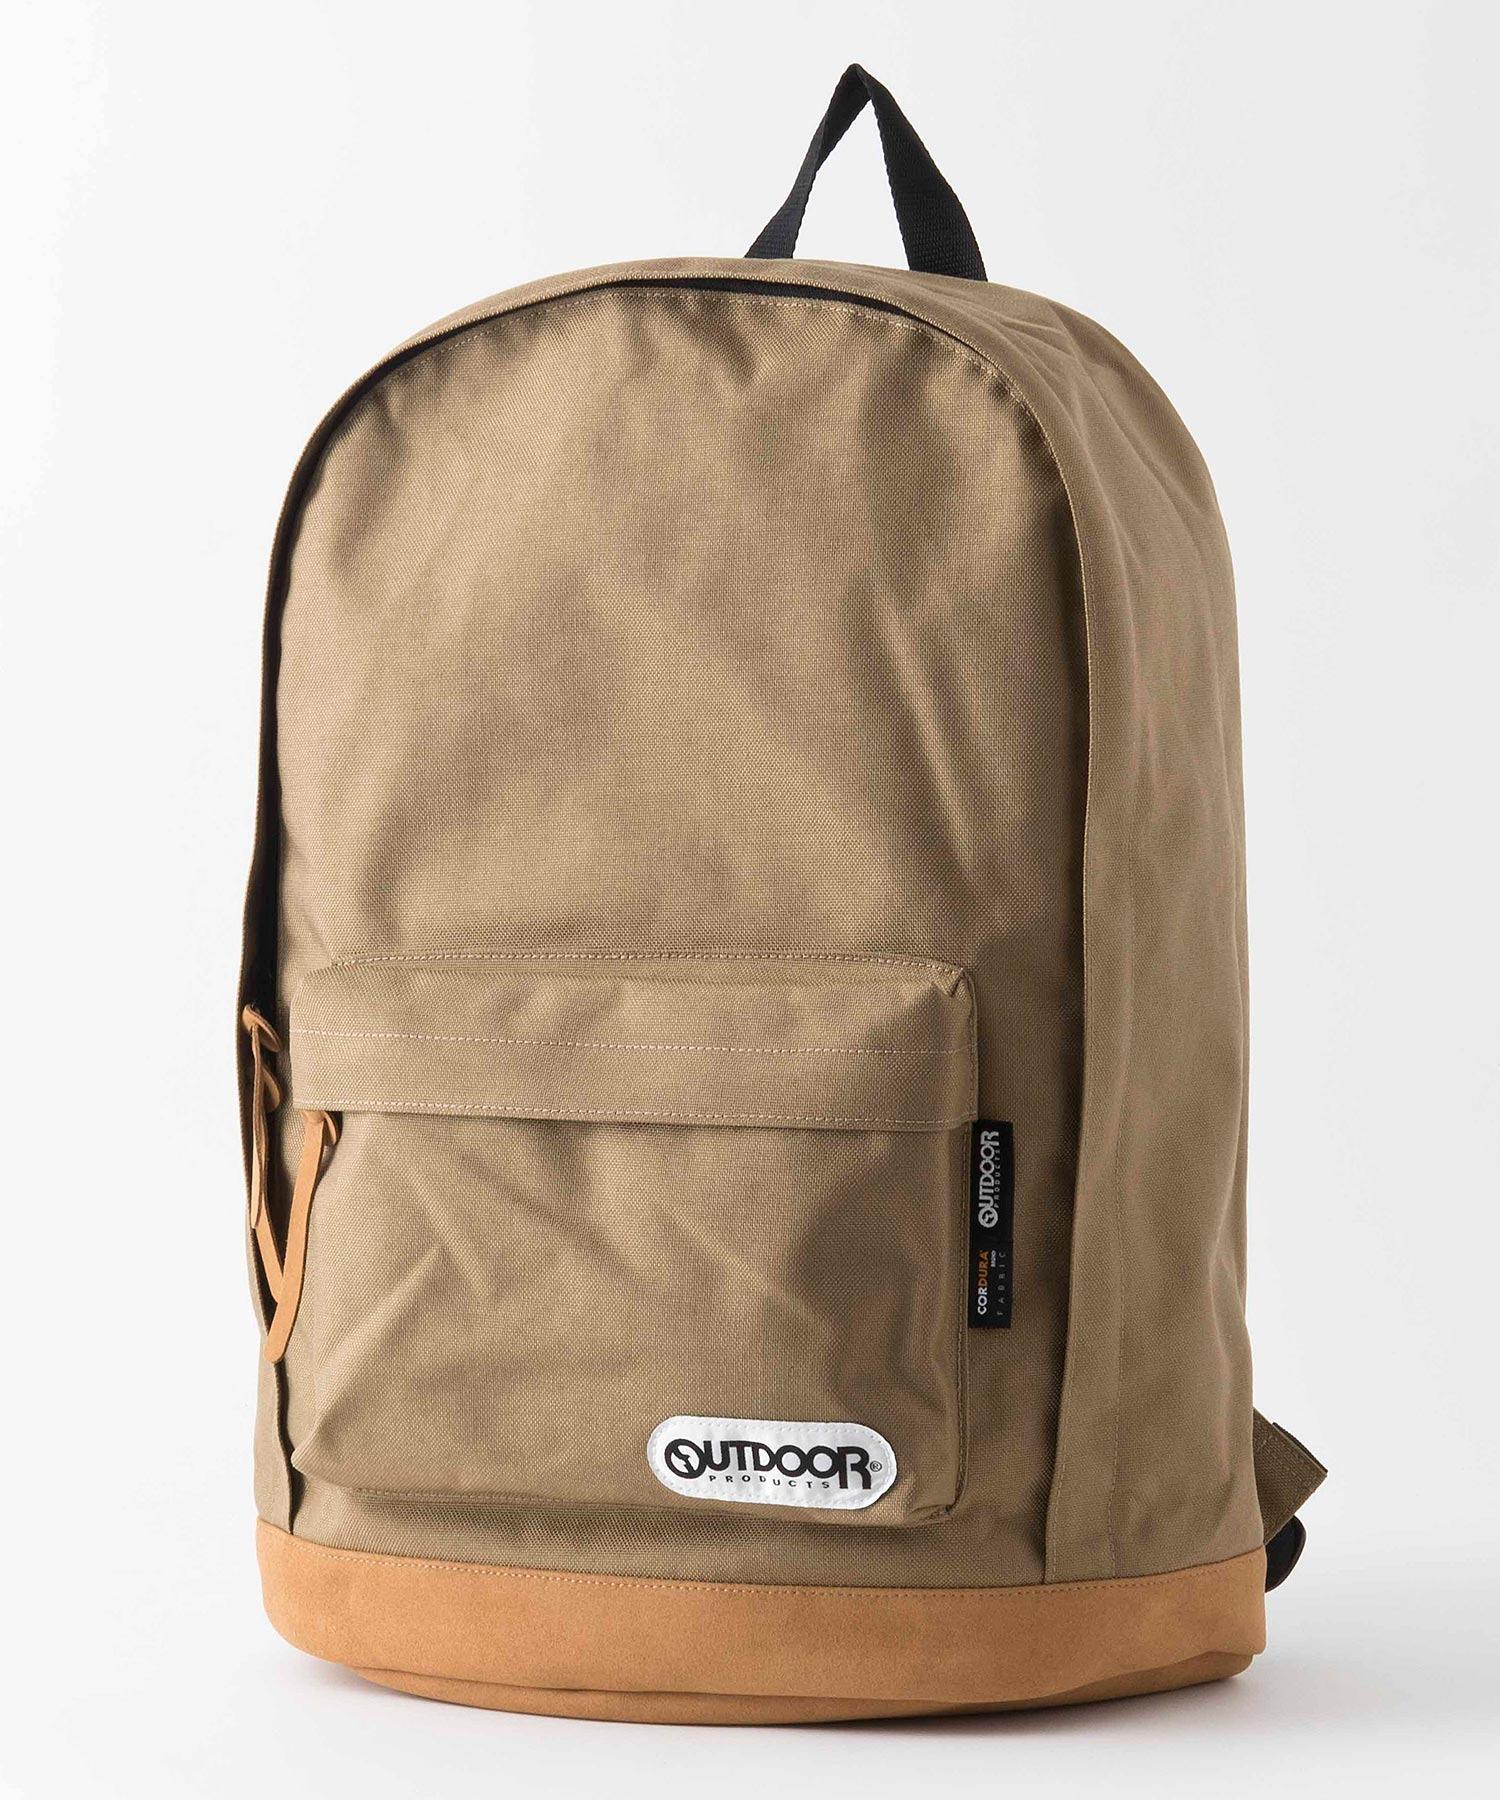 4053EXPT デイパック/バックパック  定番バッグのサイズをリニューアルした新シリーズ CORDURA(コーデュラ)ナイロン使用 ブランドロゴ